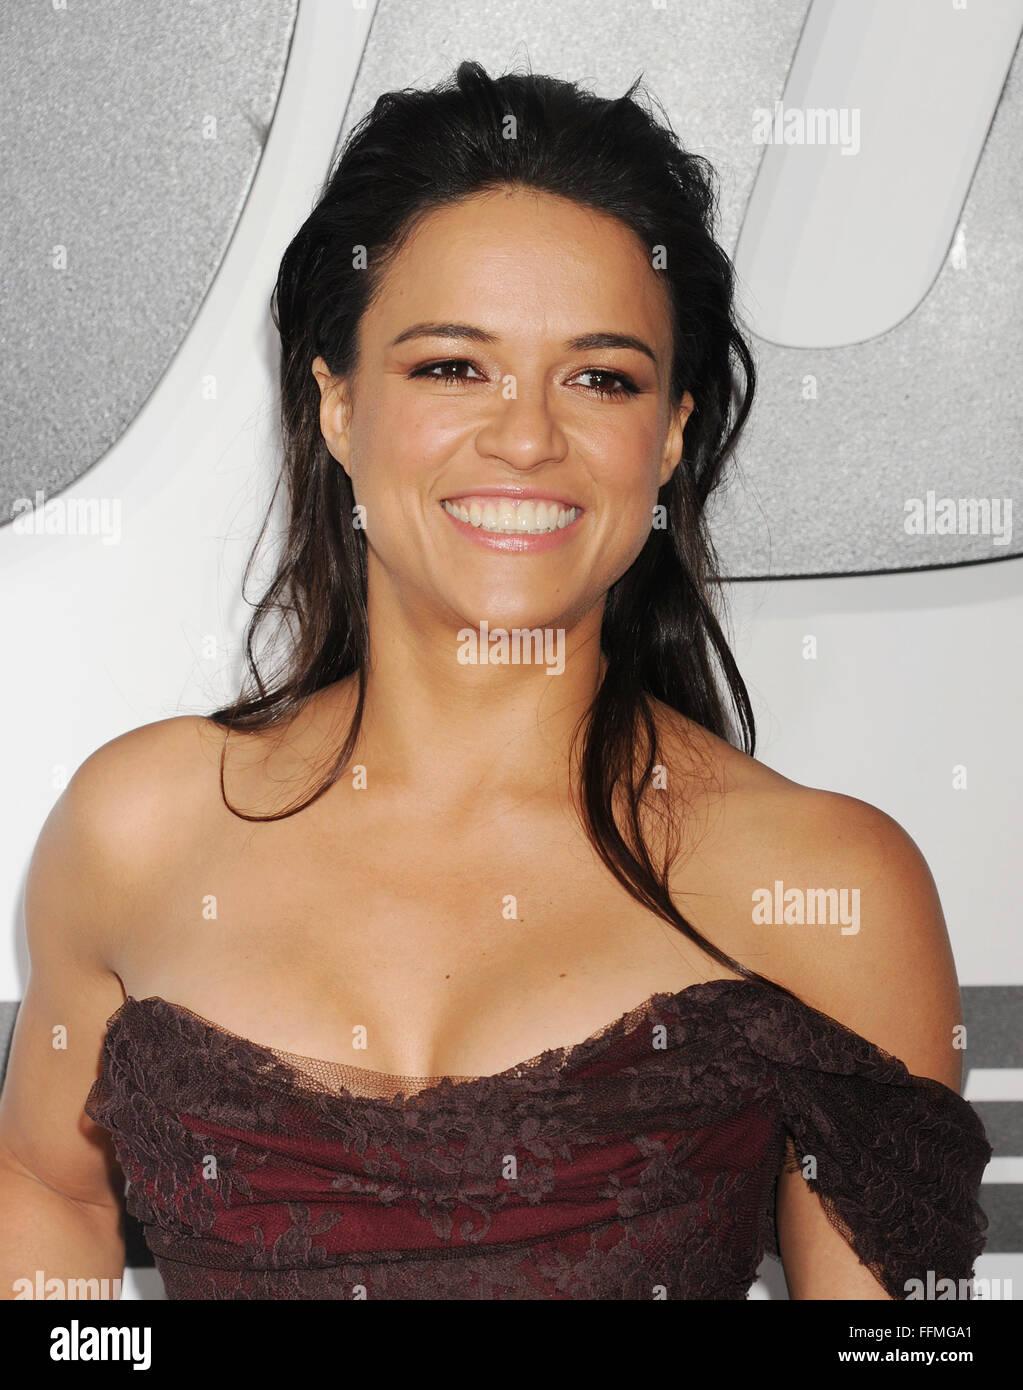 """Schauspielerin Michelle Rodriguez in der """"Furious 7' kommt - Los Angeles Premiere auf TCL Chinese Theater Stockbild"""